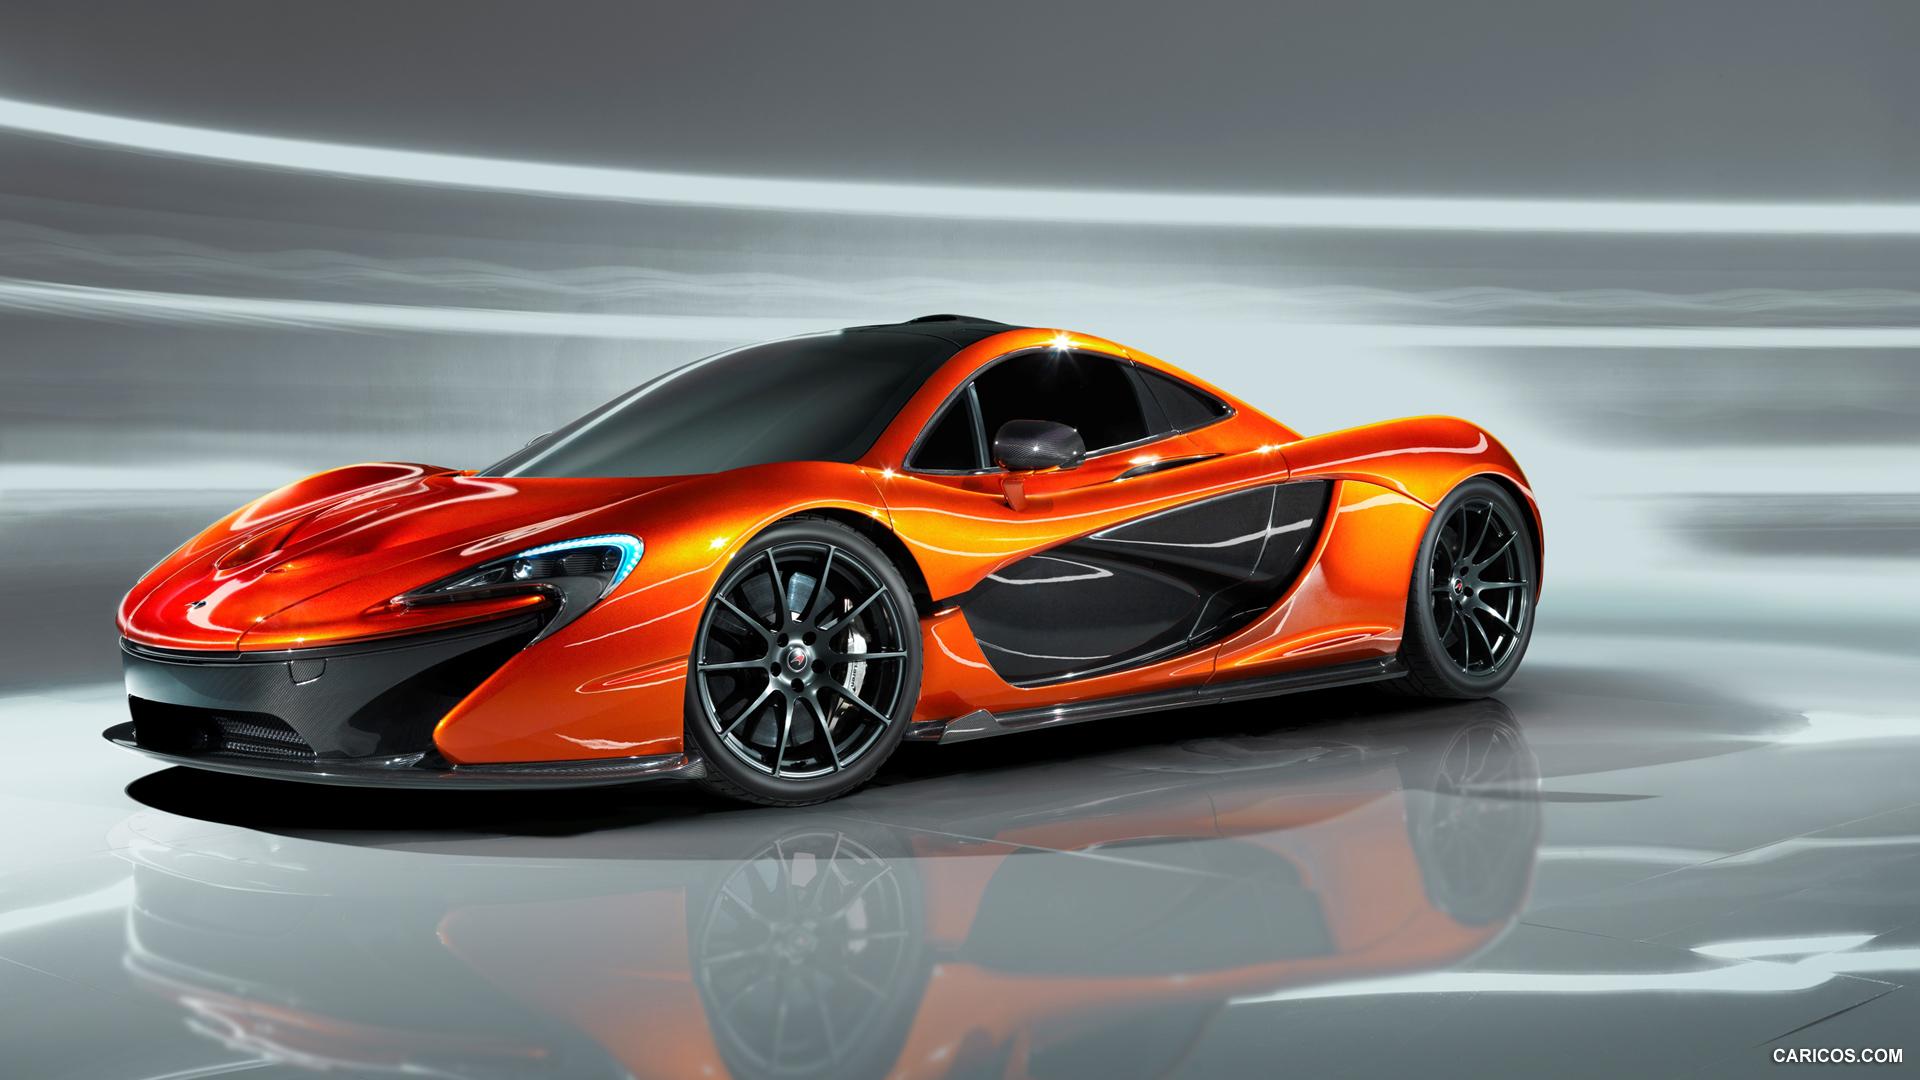 2012 McLaren P1 Concept - Front Wallpaper